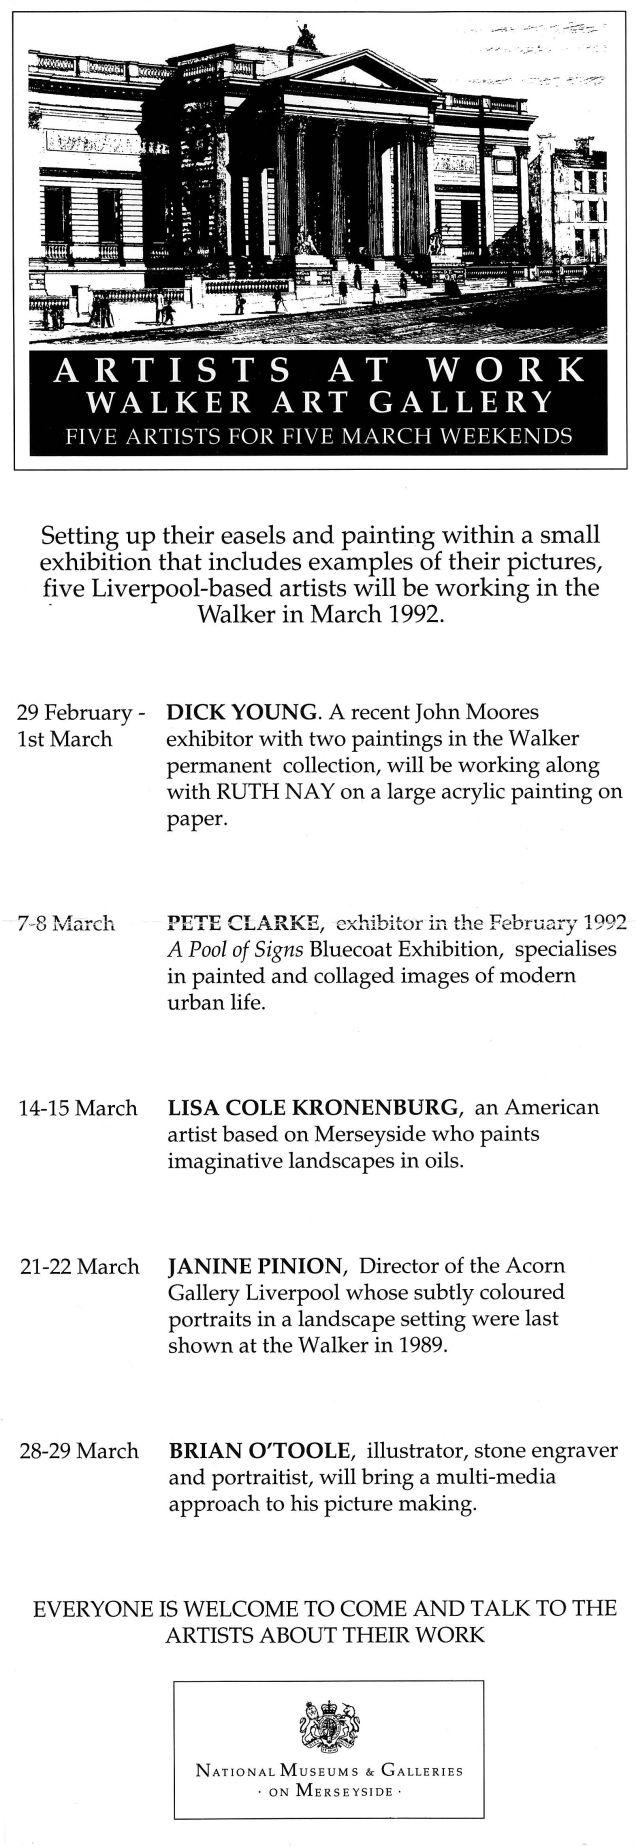 Walker Artists at Work flyer 1992